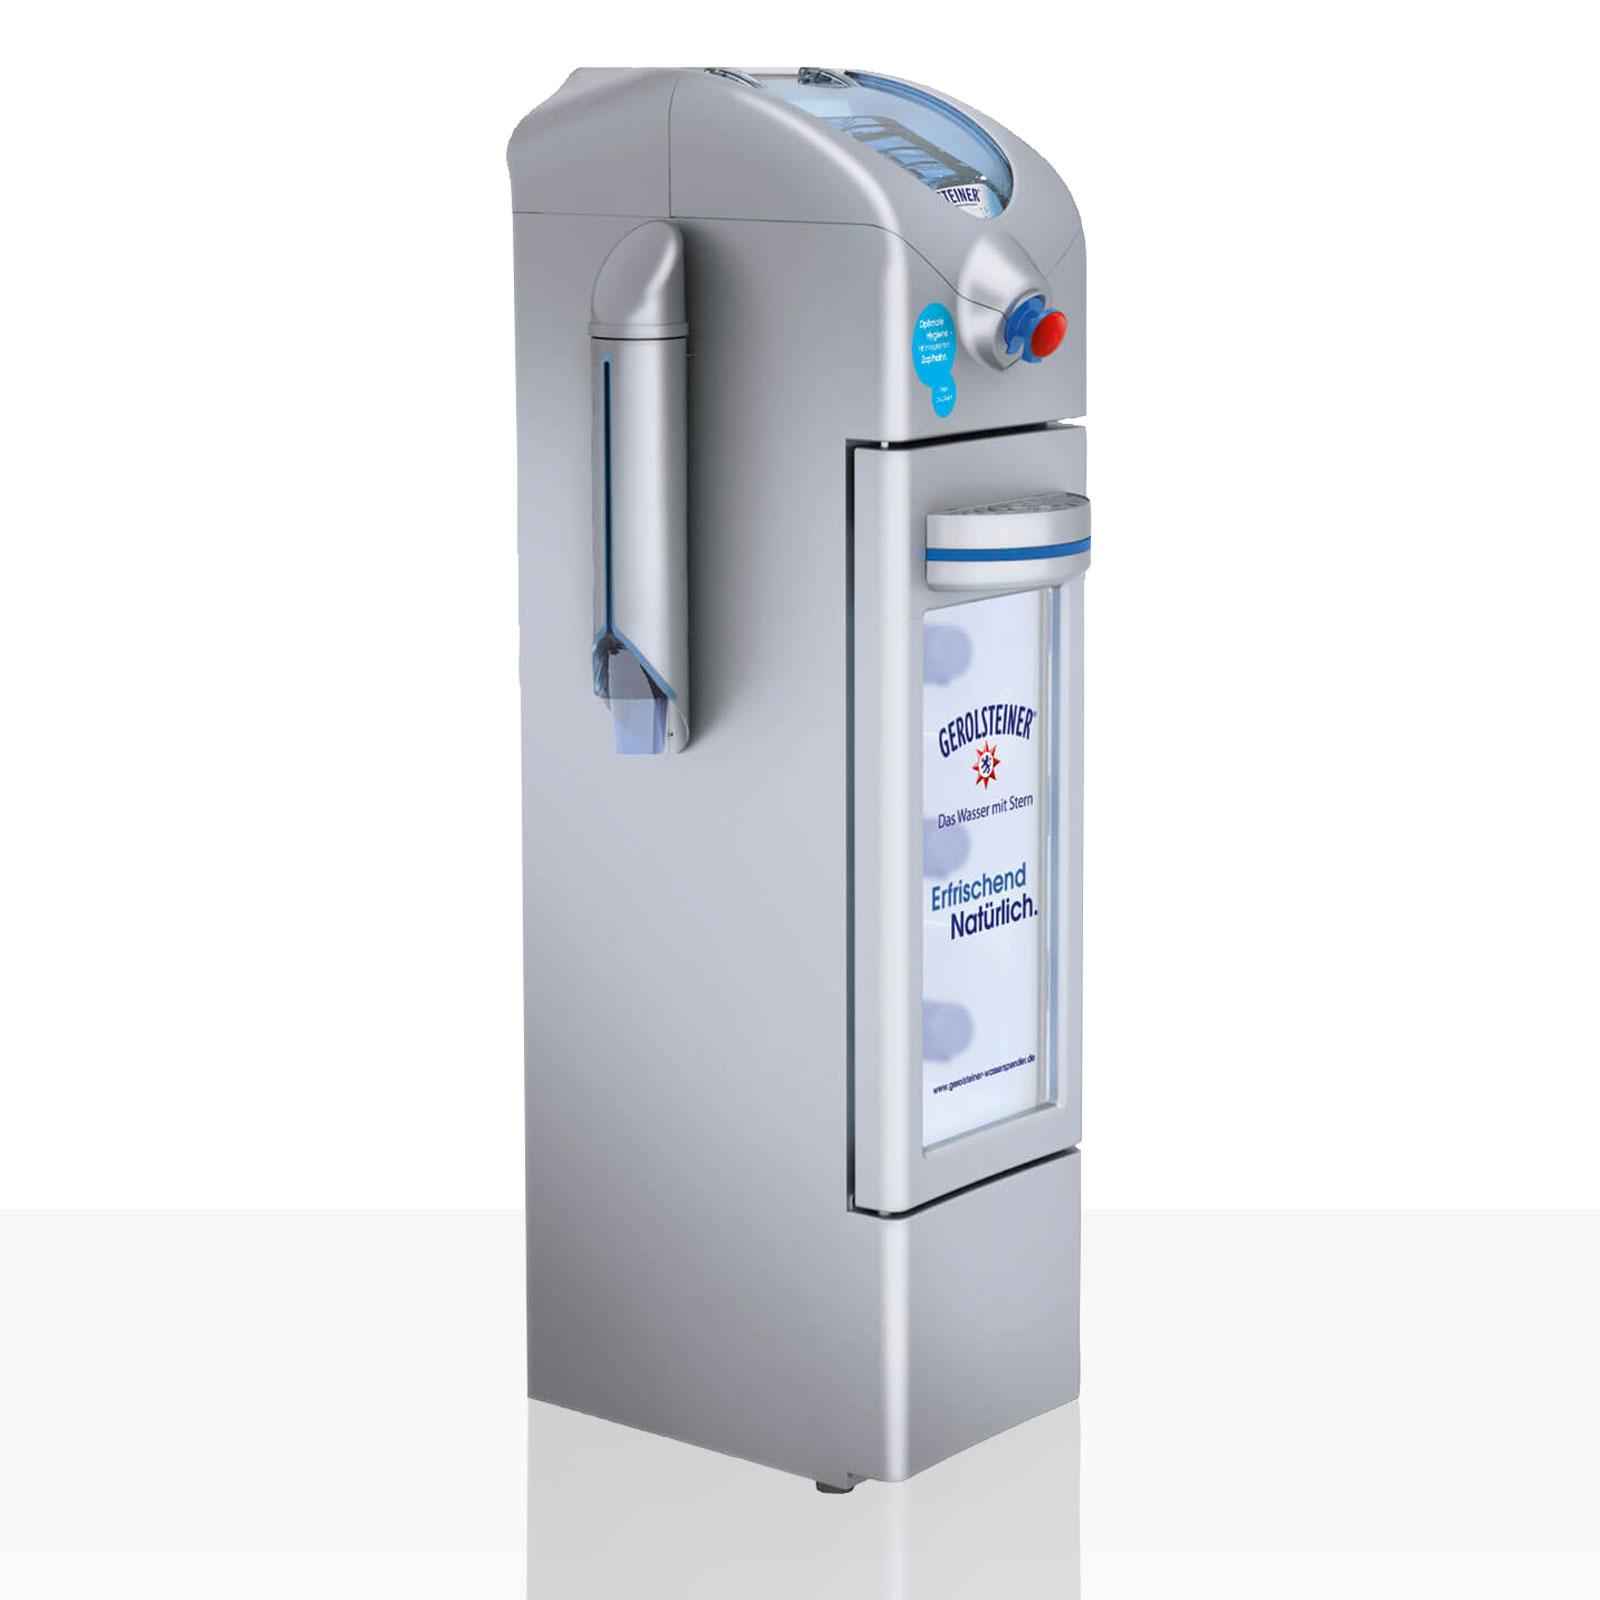 Wasserspender von Gerolsteiner mieten | Coffeefair